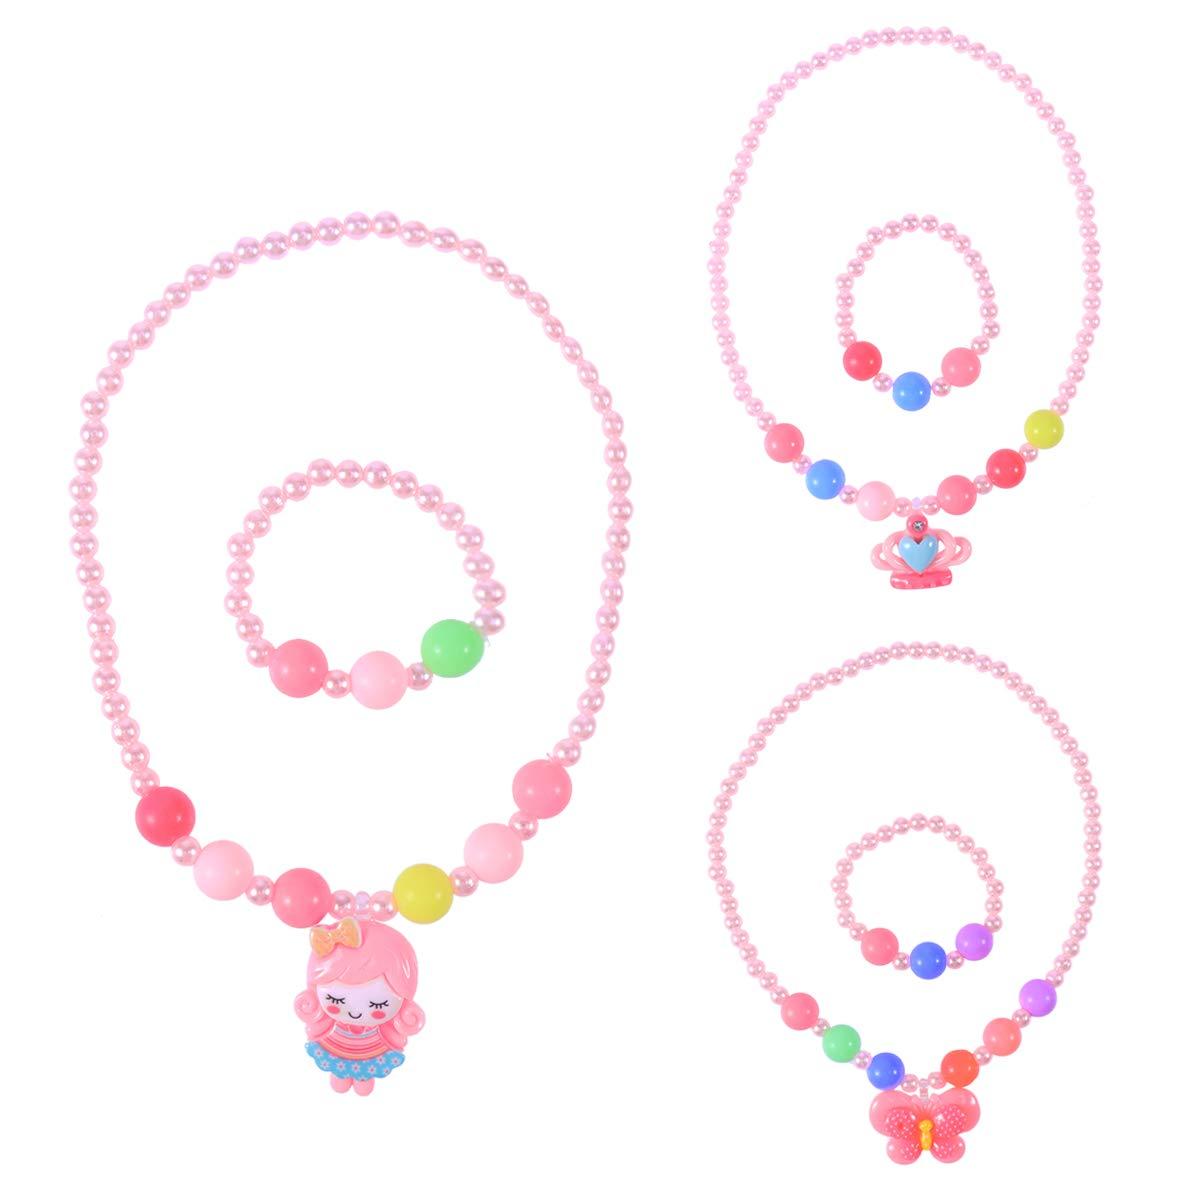 YeahiBaby 3 Sä tze von Kinder Hü bsche Schmuck Candy Farbe Halskette Armband Sets fü r Babys